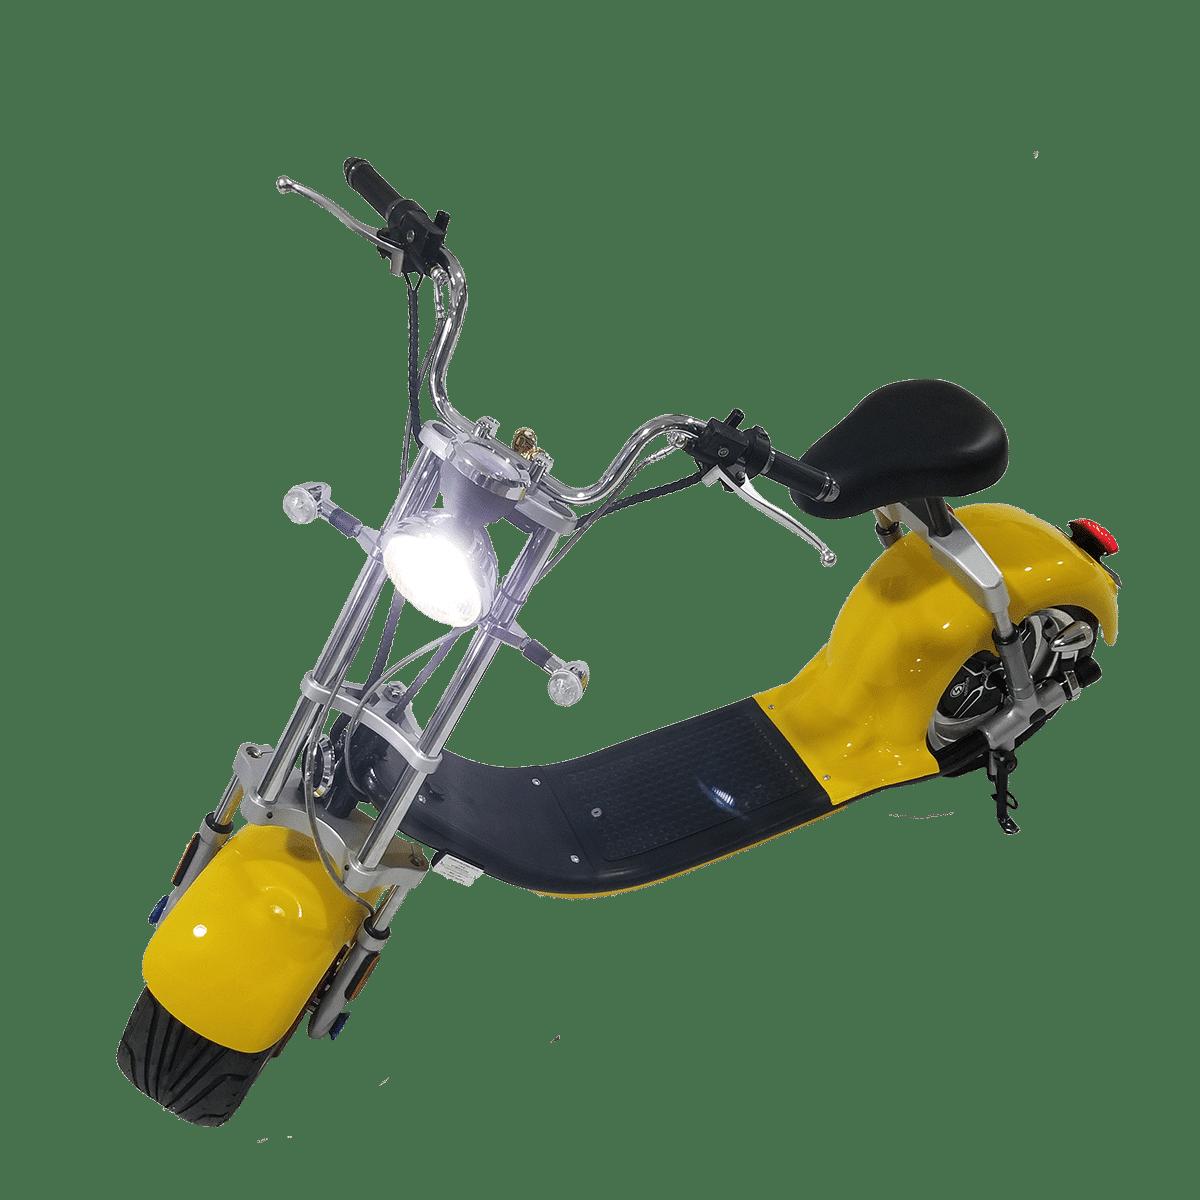 Citycoco Harley Deluxe Jaune 1190€ 2